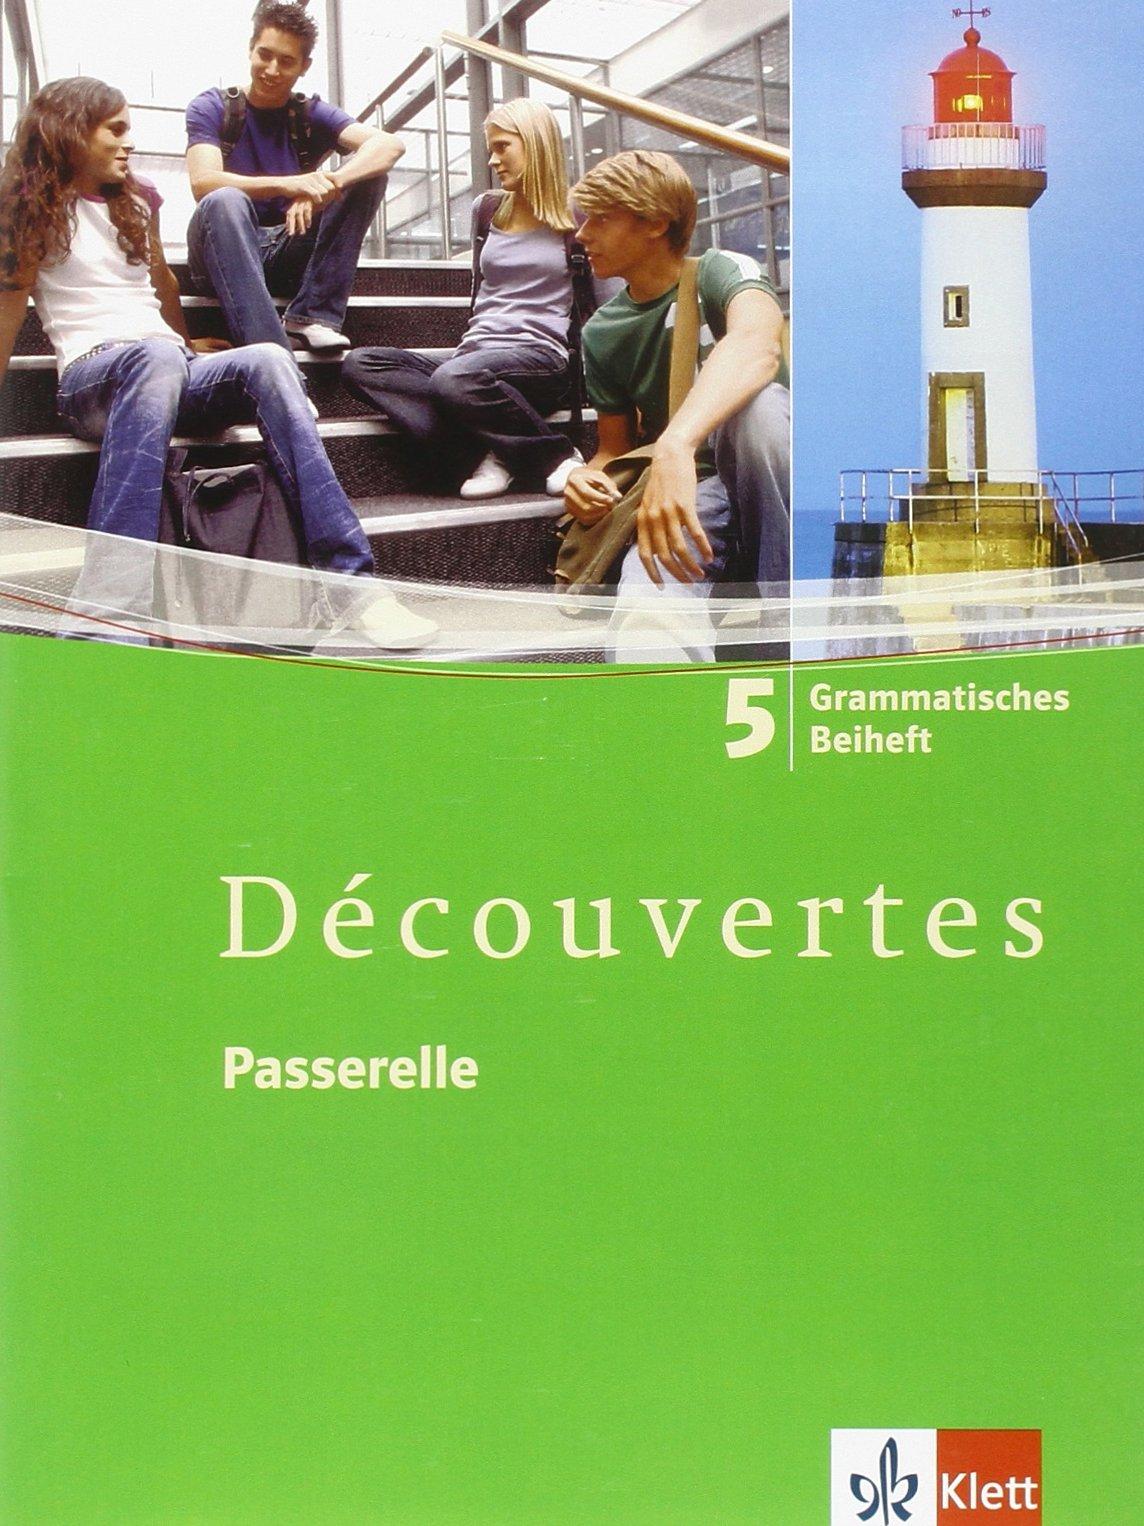 Découvertes / Passerelle. Grammatisches Beiheft - Band 5